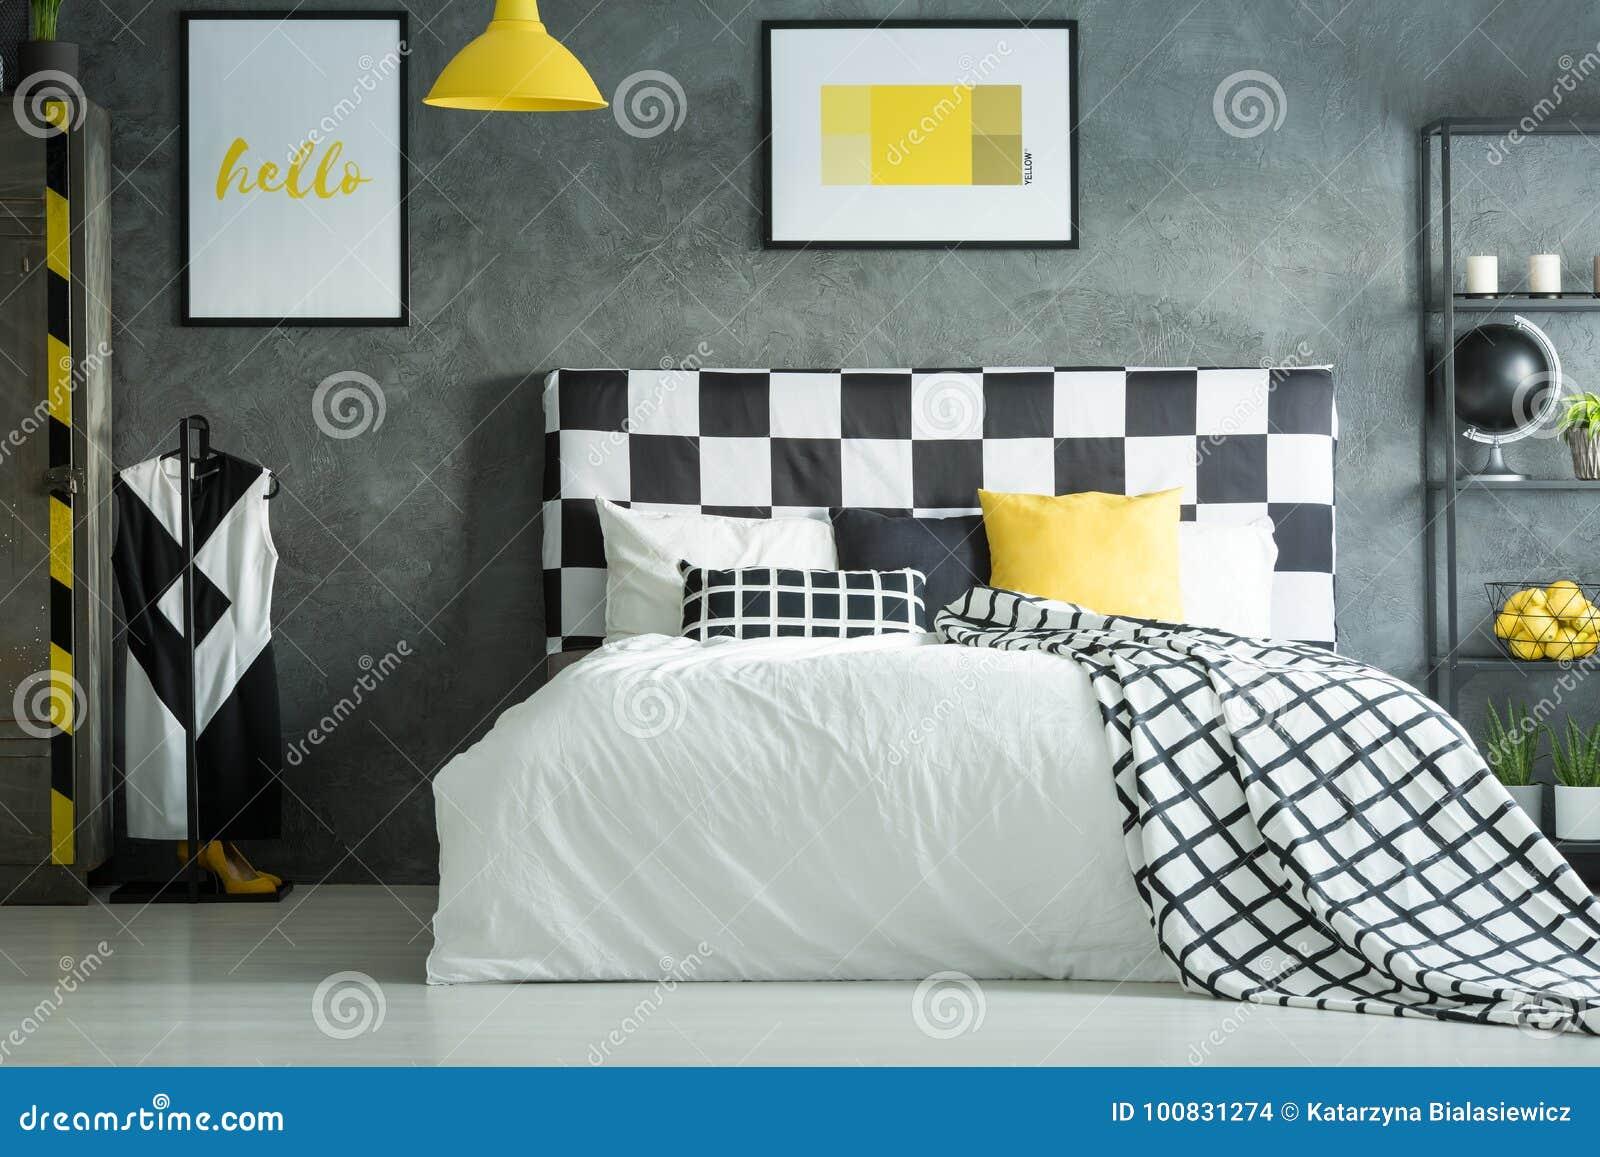 Geel Accent In Donkere Slaapkamer Stock Foto - Afbeelding bestaande ...